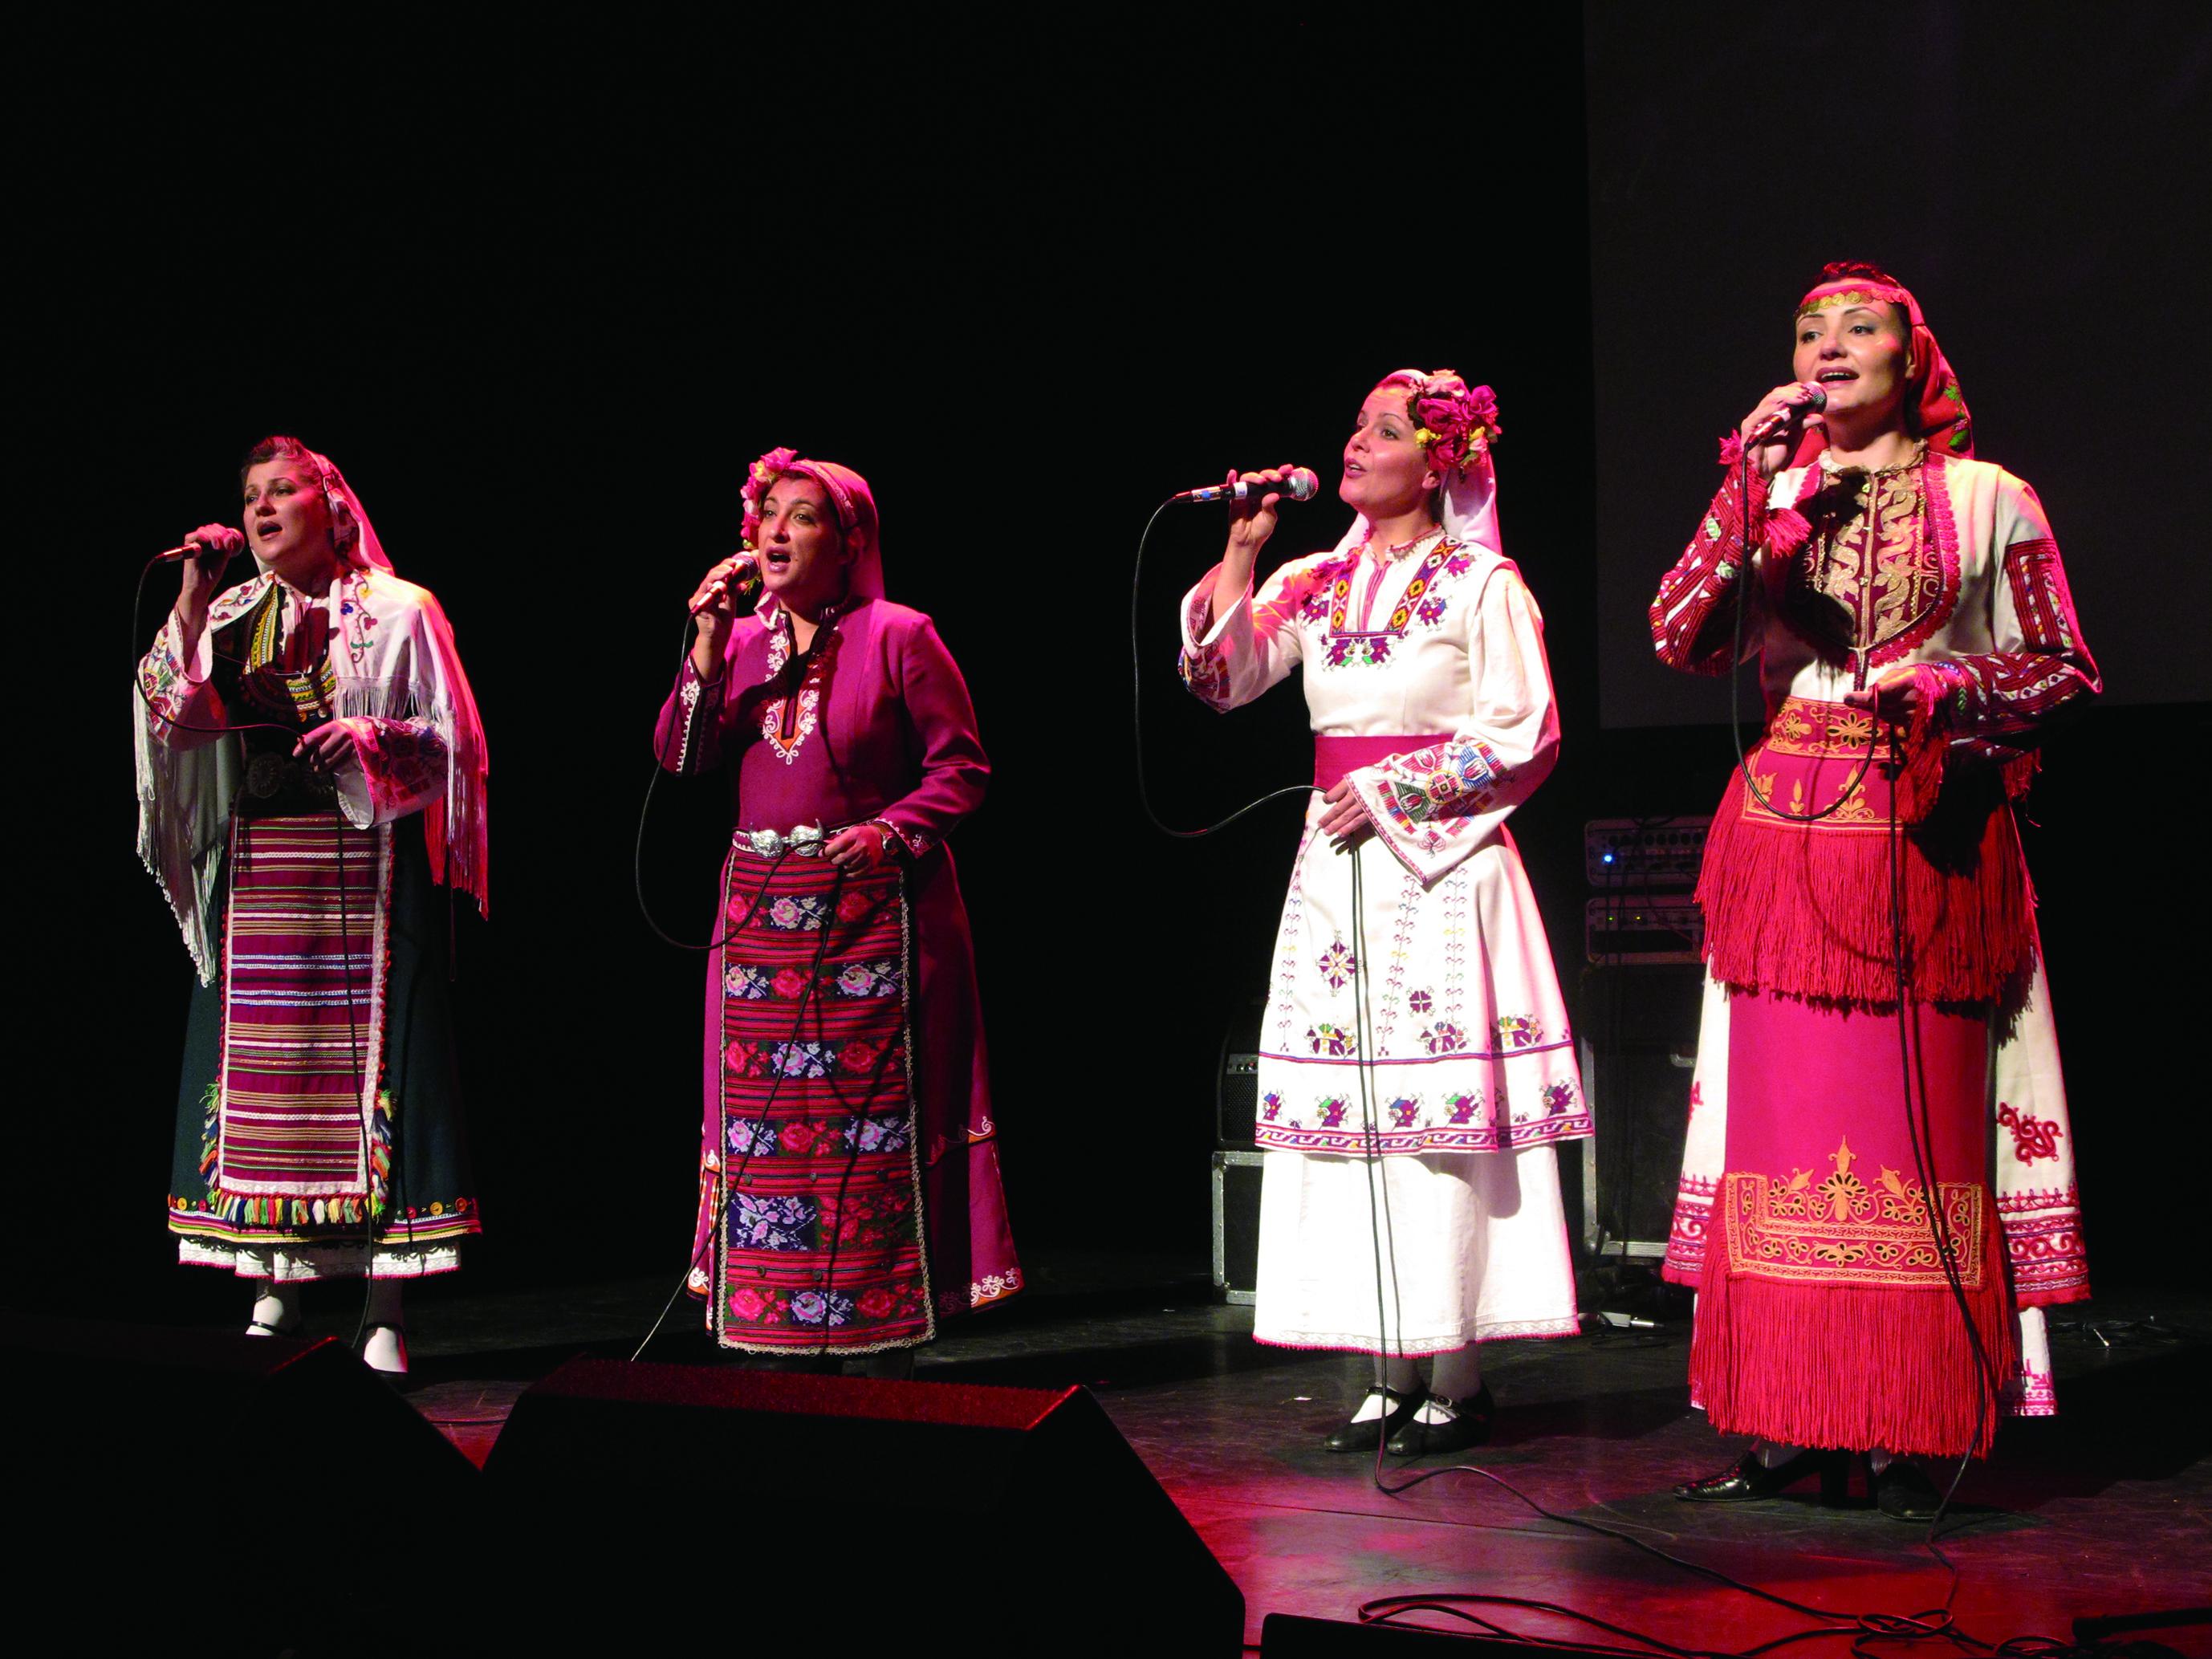 圖3 Eva女聲四重唱將在工作坊當中分享保加利亞女聲合唱的奧秘.JPG